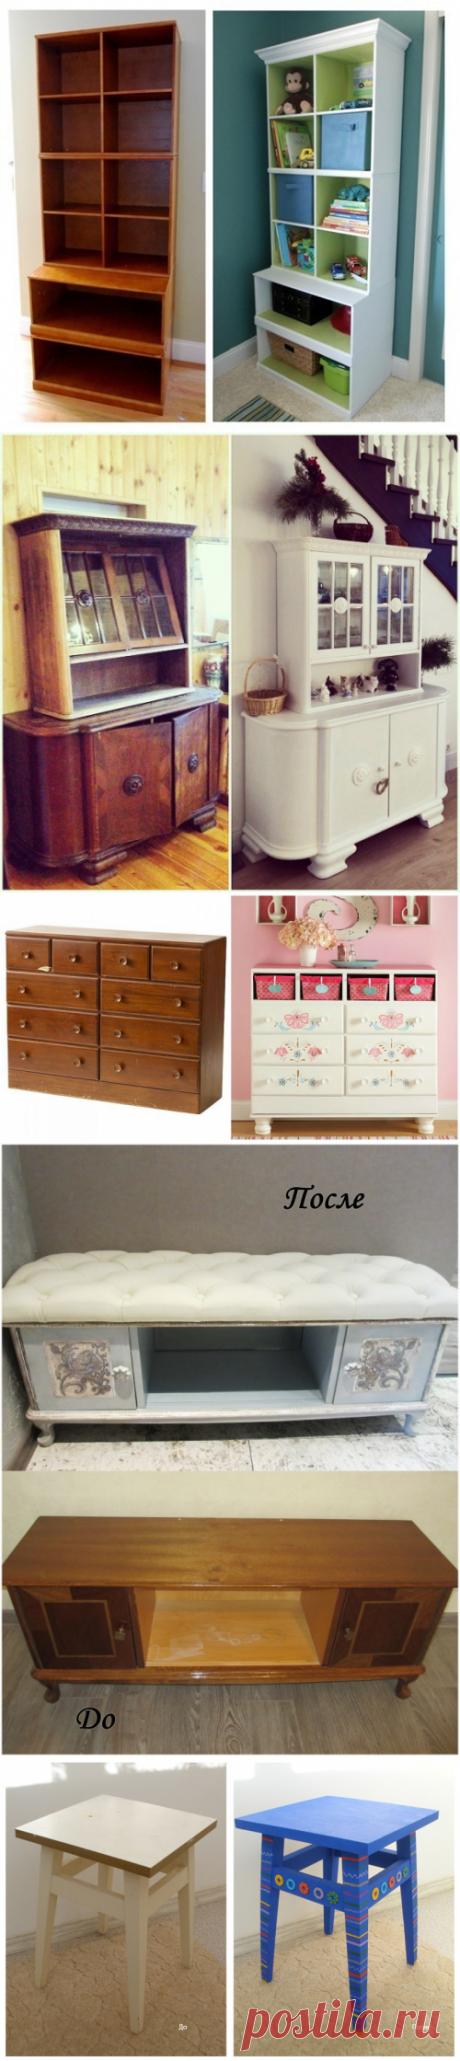 Отличные идеи переделки старой мебели — Рукоделие